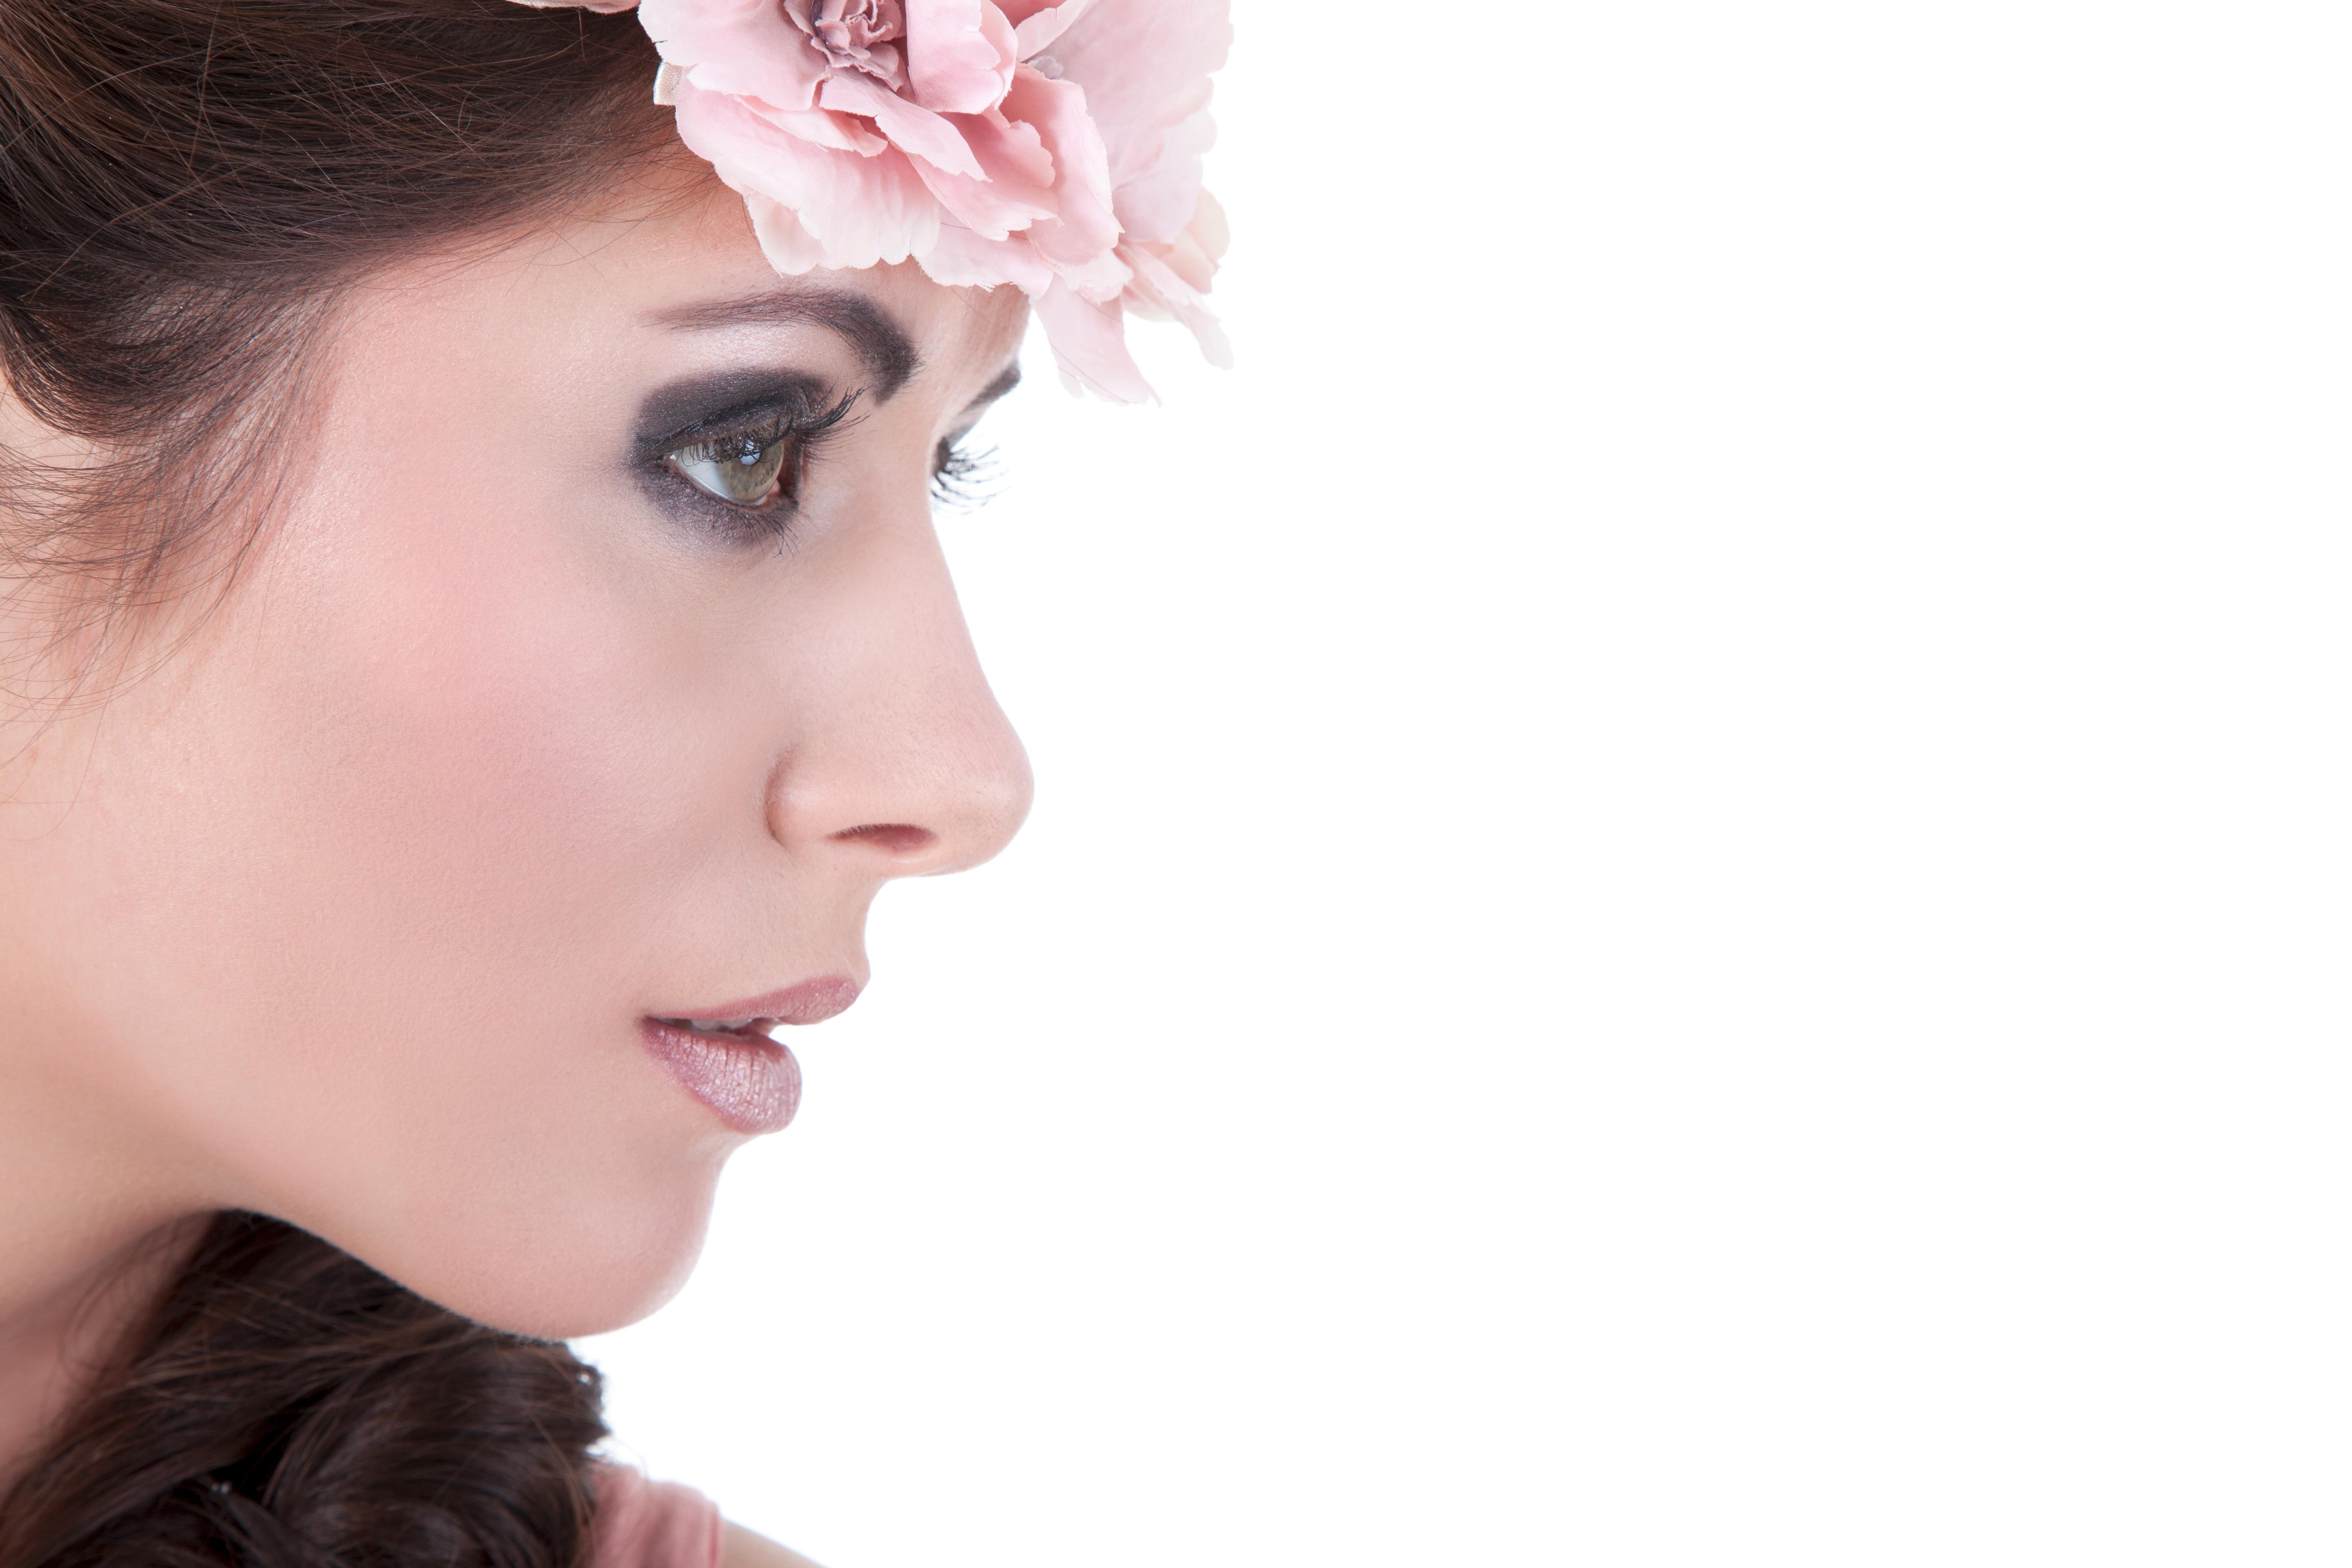 Fotos von Model Schminke Kranz Gesicht junge Frauen Weißer hintergrund 5616x3744 Make Up Mädchens junge frau